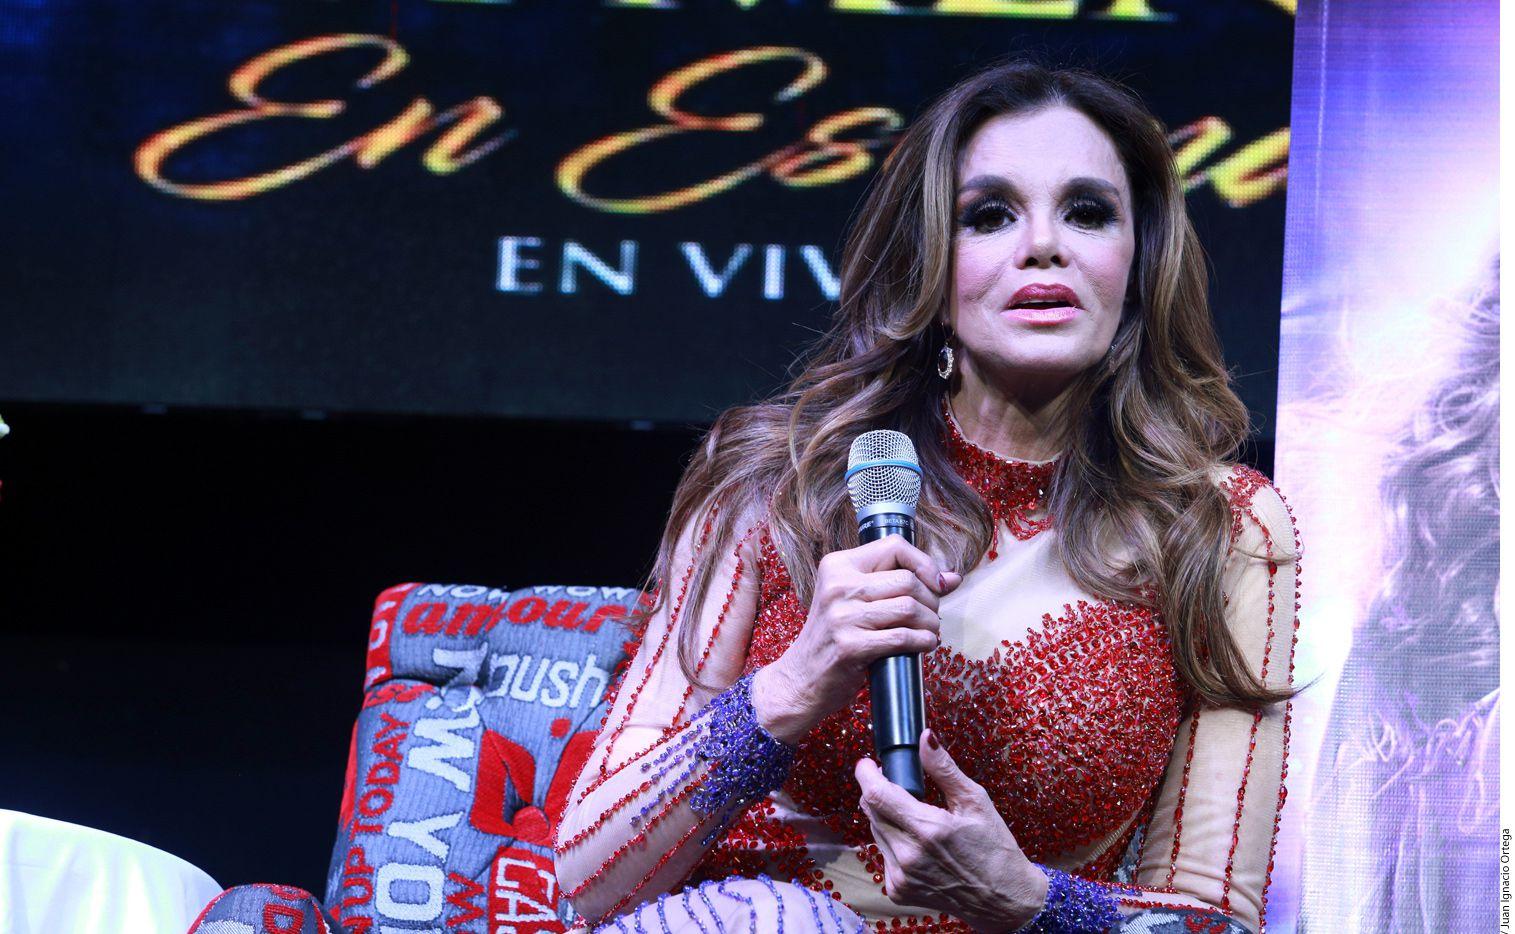 La cantante y actriz Lucía Méndez mantiene su figura con una alimentación sana y dos horas de ejercicio / AGENCIA REFORMA